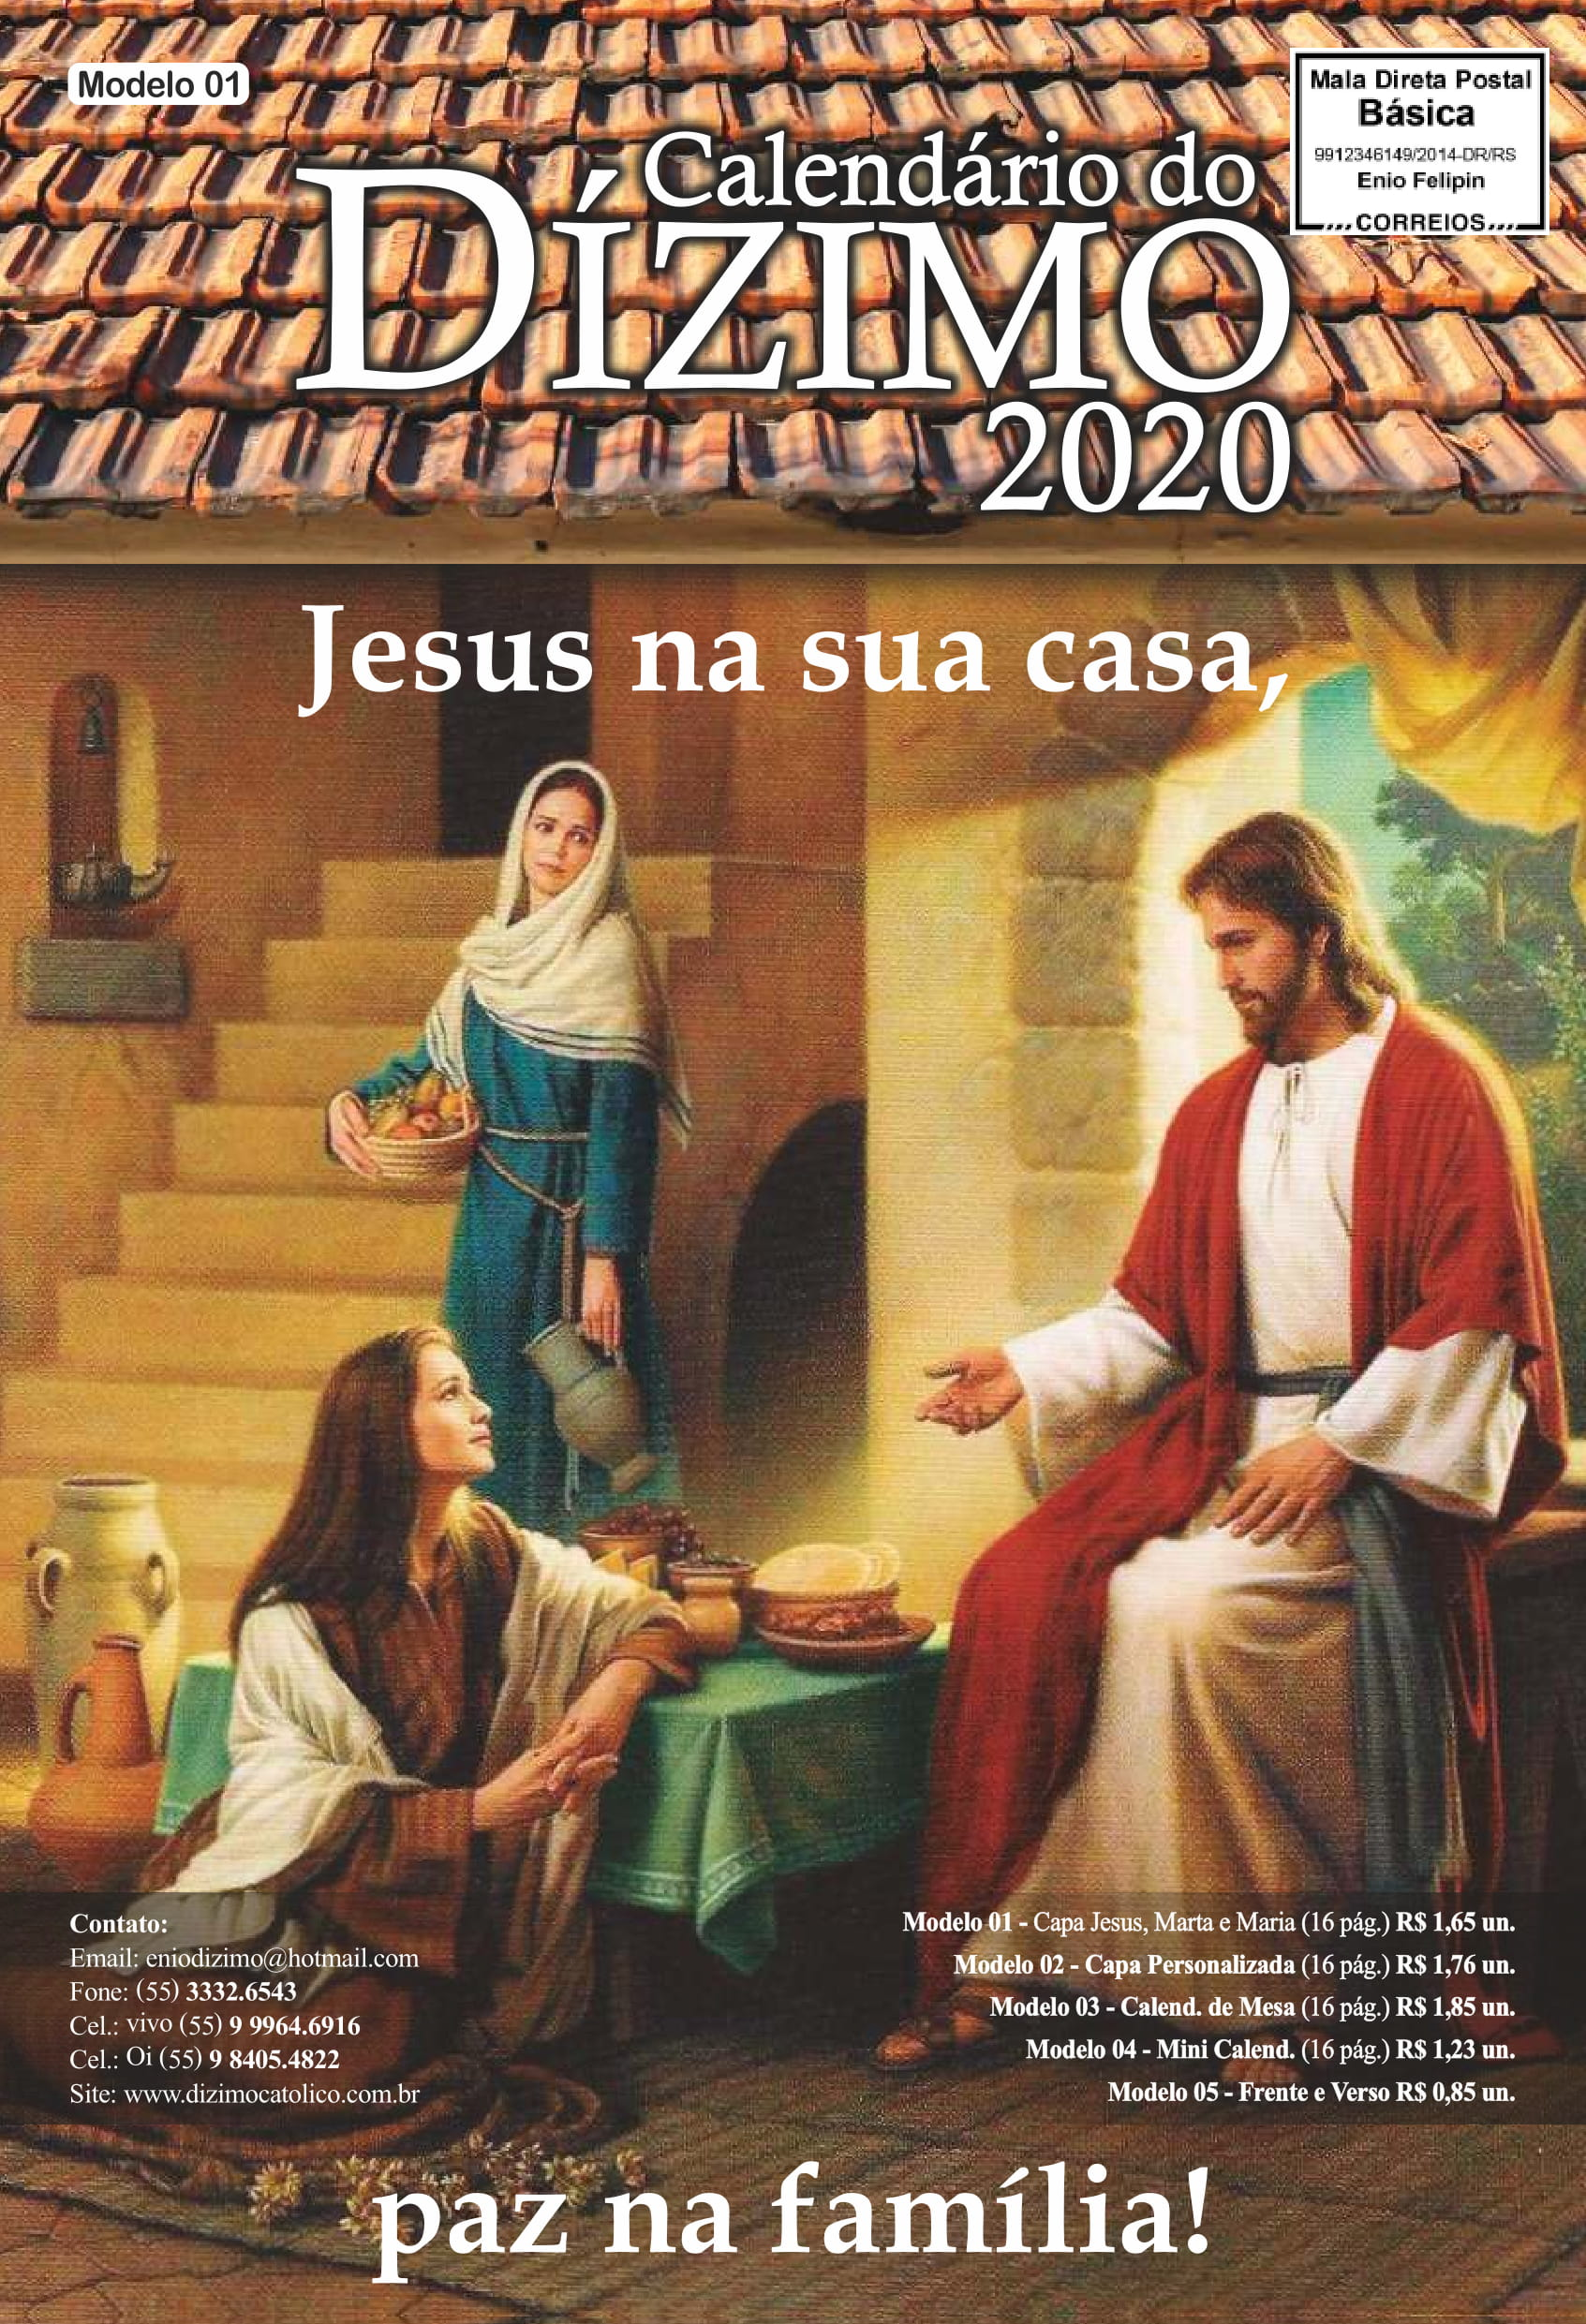 Calendário do Dízimo 2020